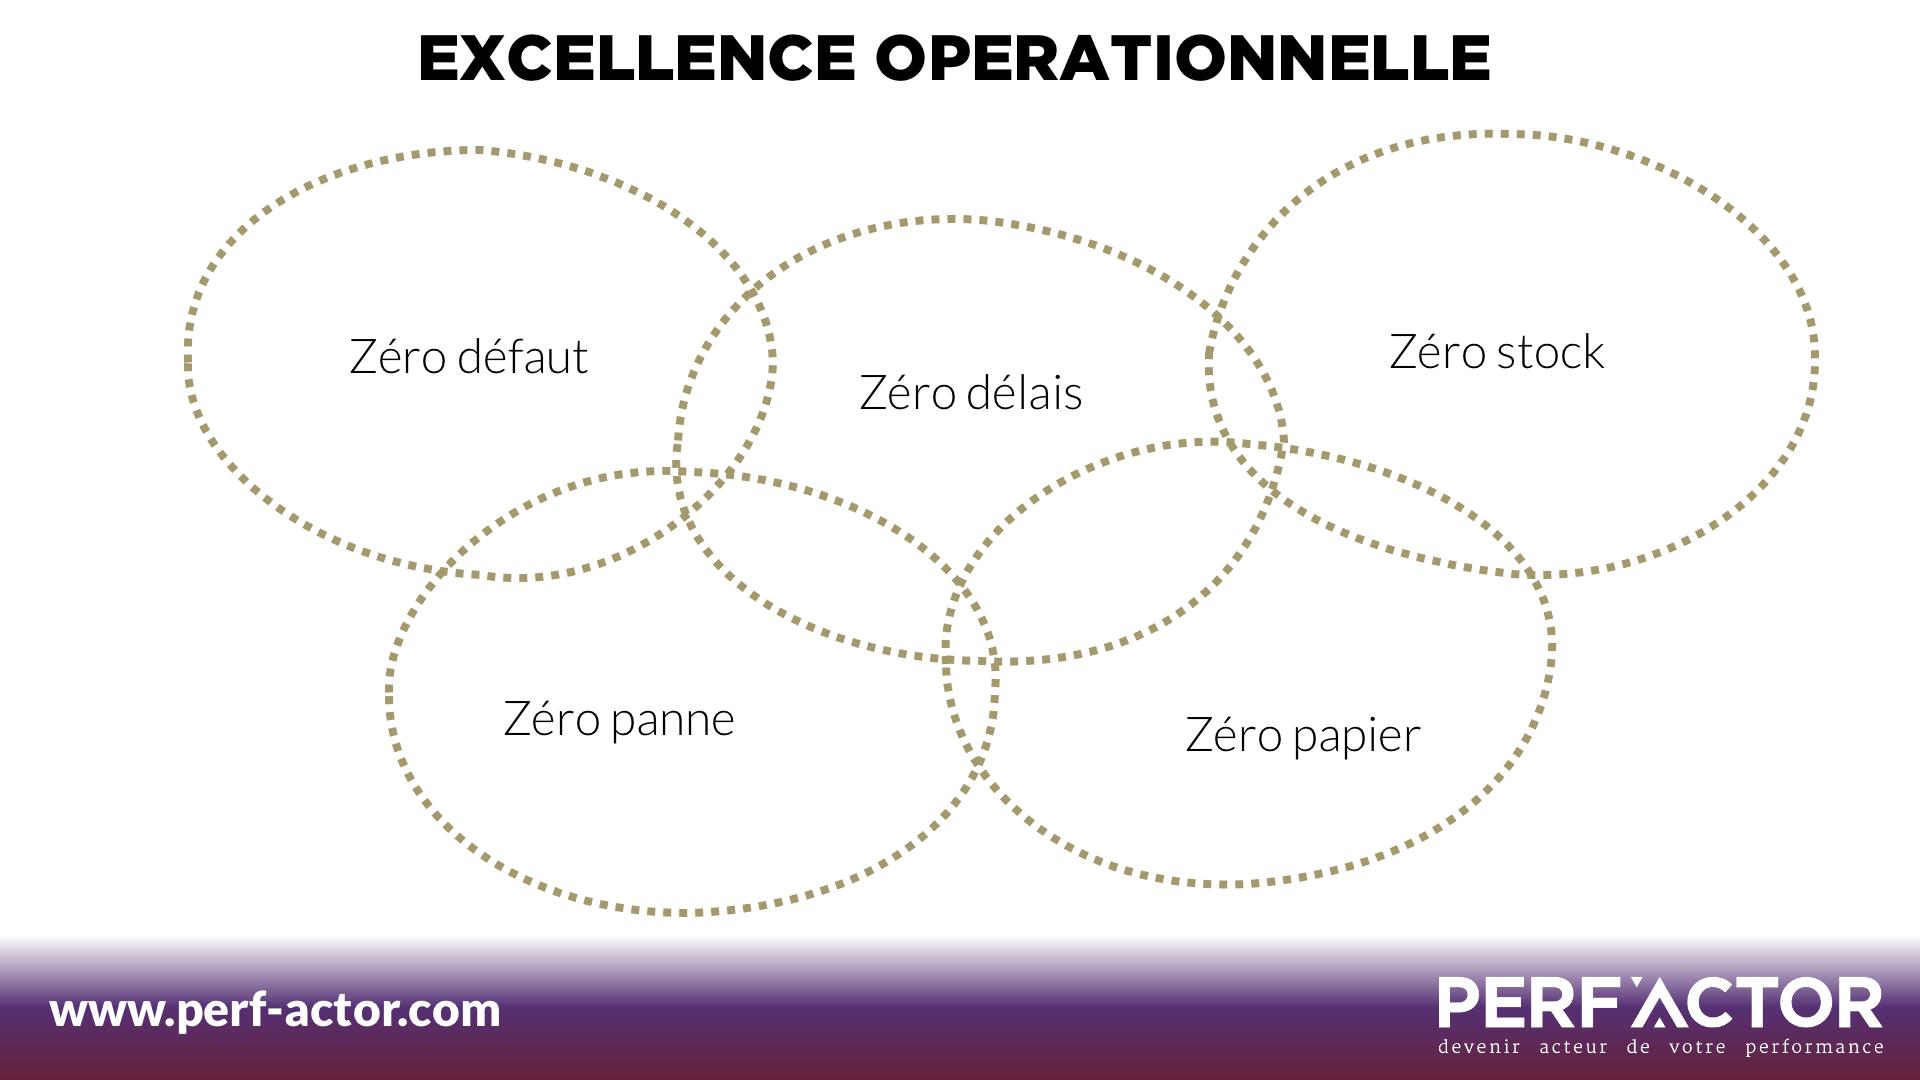 Excellence operationnelle Qualite et Amelioration continue